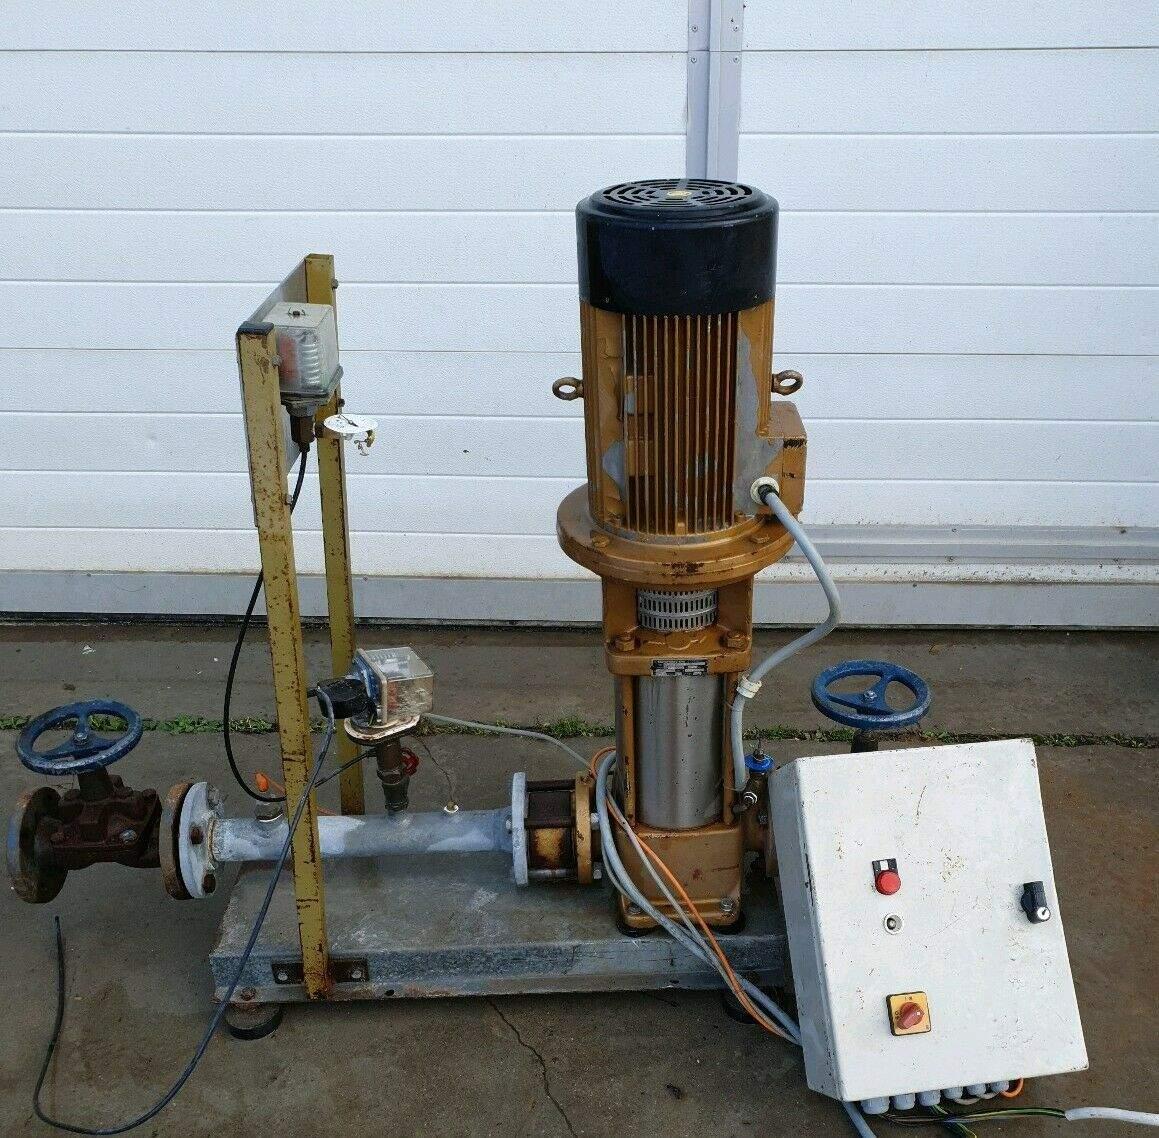 garten pumpe schon pumpe grundfos cr 16 50 f a a druckerhohungspumpe 3 x 400 v druck p9 1200 of garten pumpe